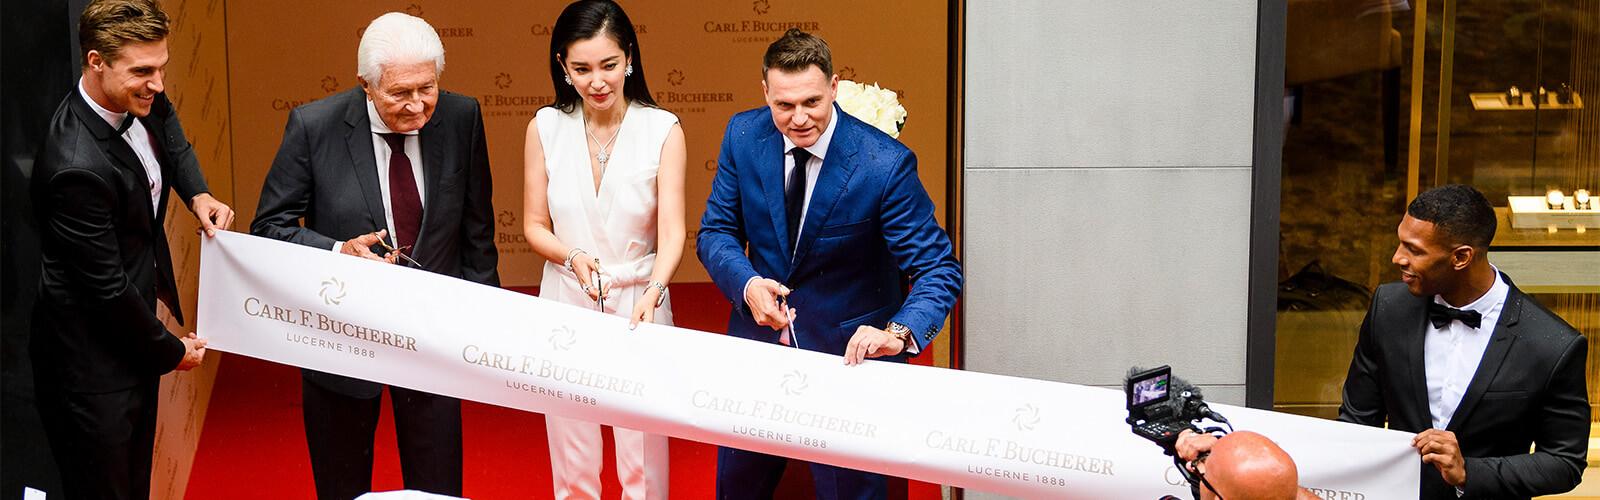 CARL F BUCHERER Boutique Openening Luzern